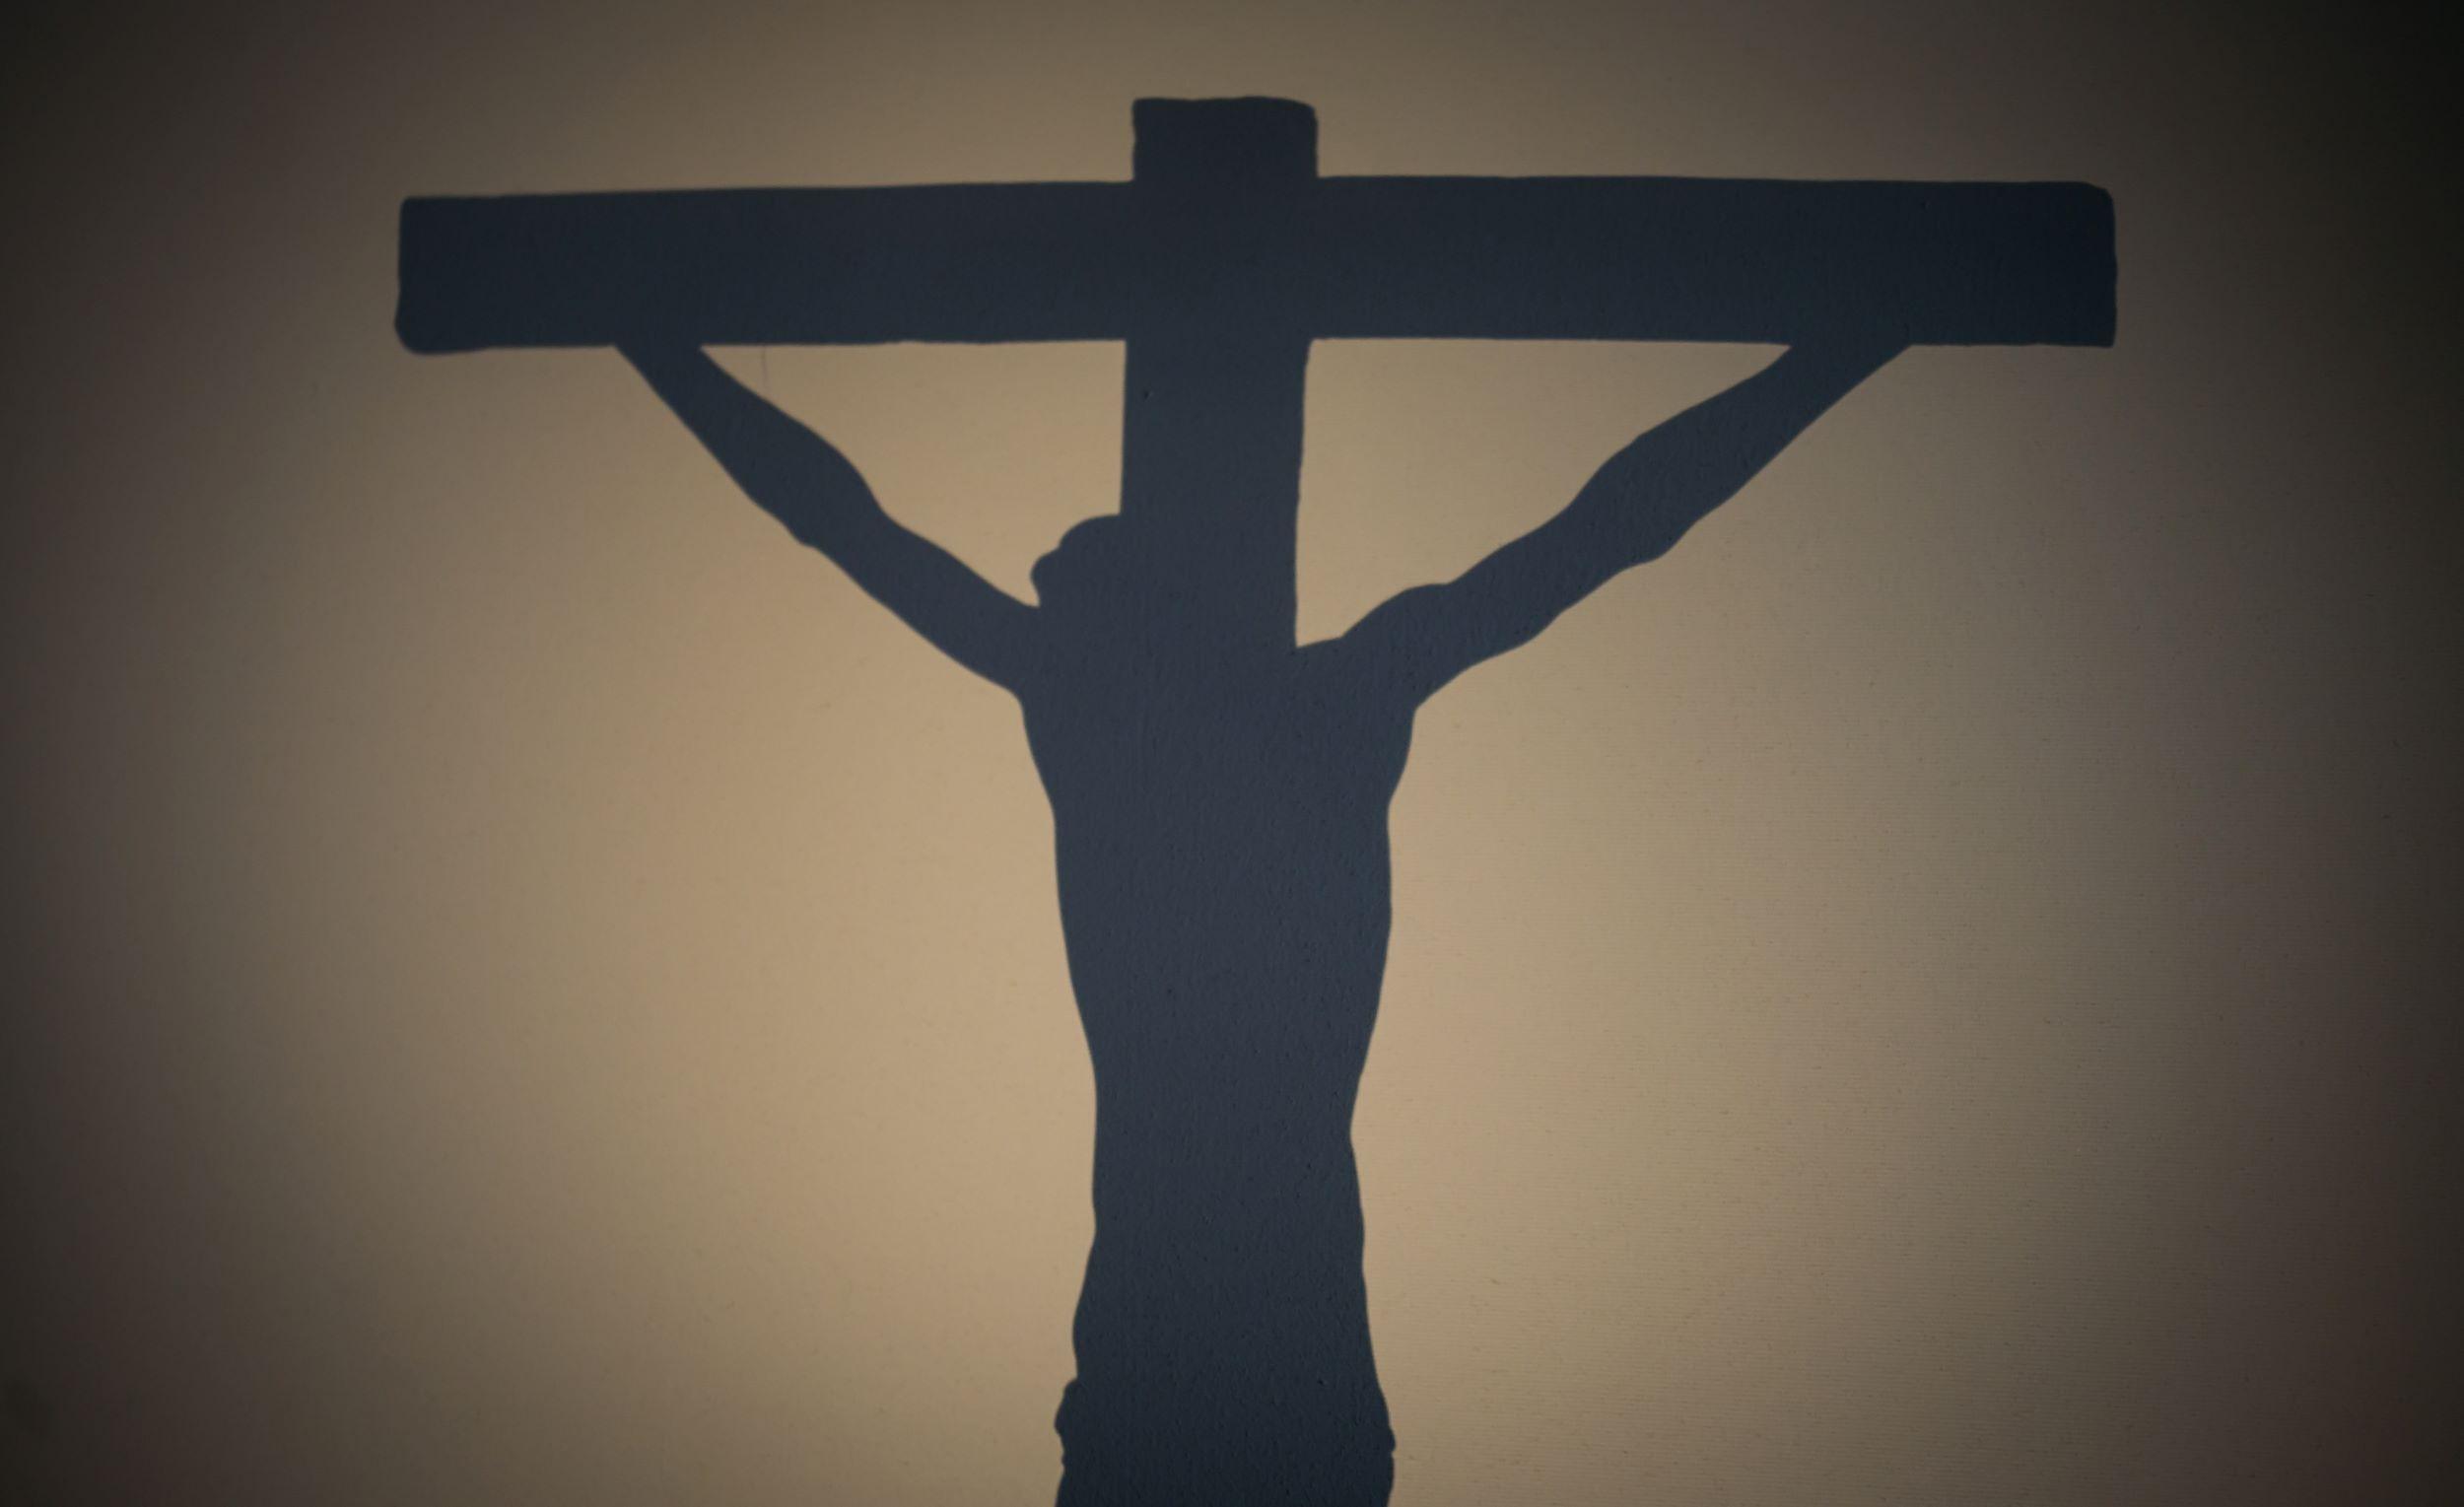 El Misterio de donde flagelaron a Jesús [los rastros hasta nuestra época]